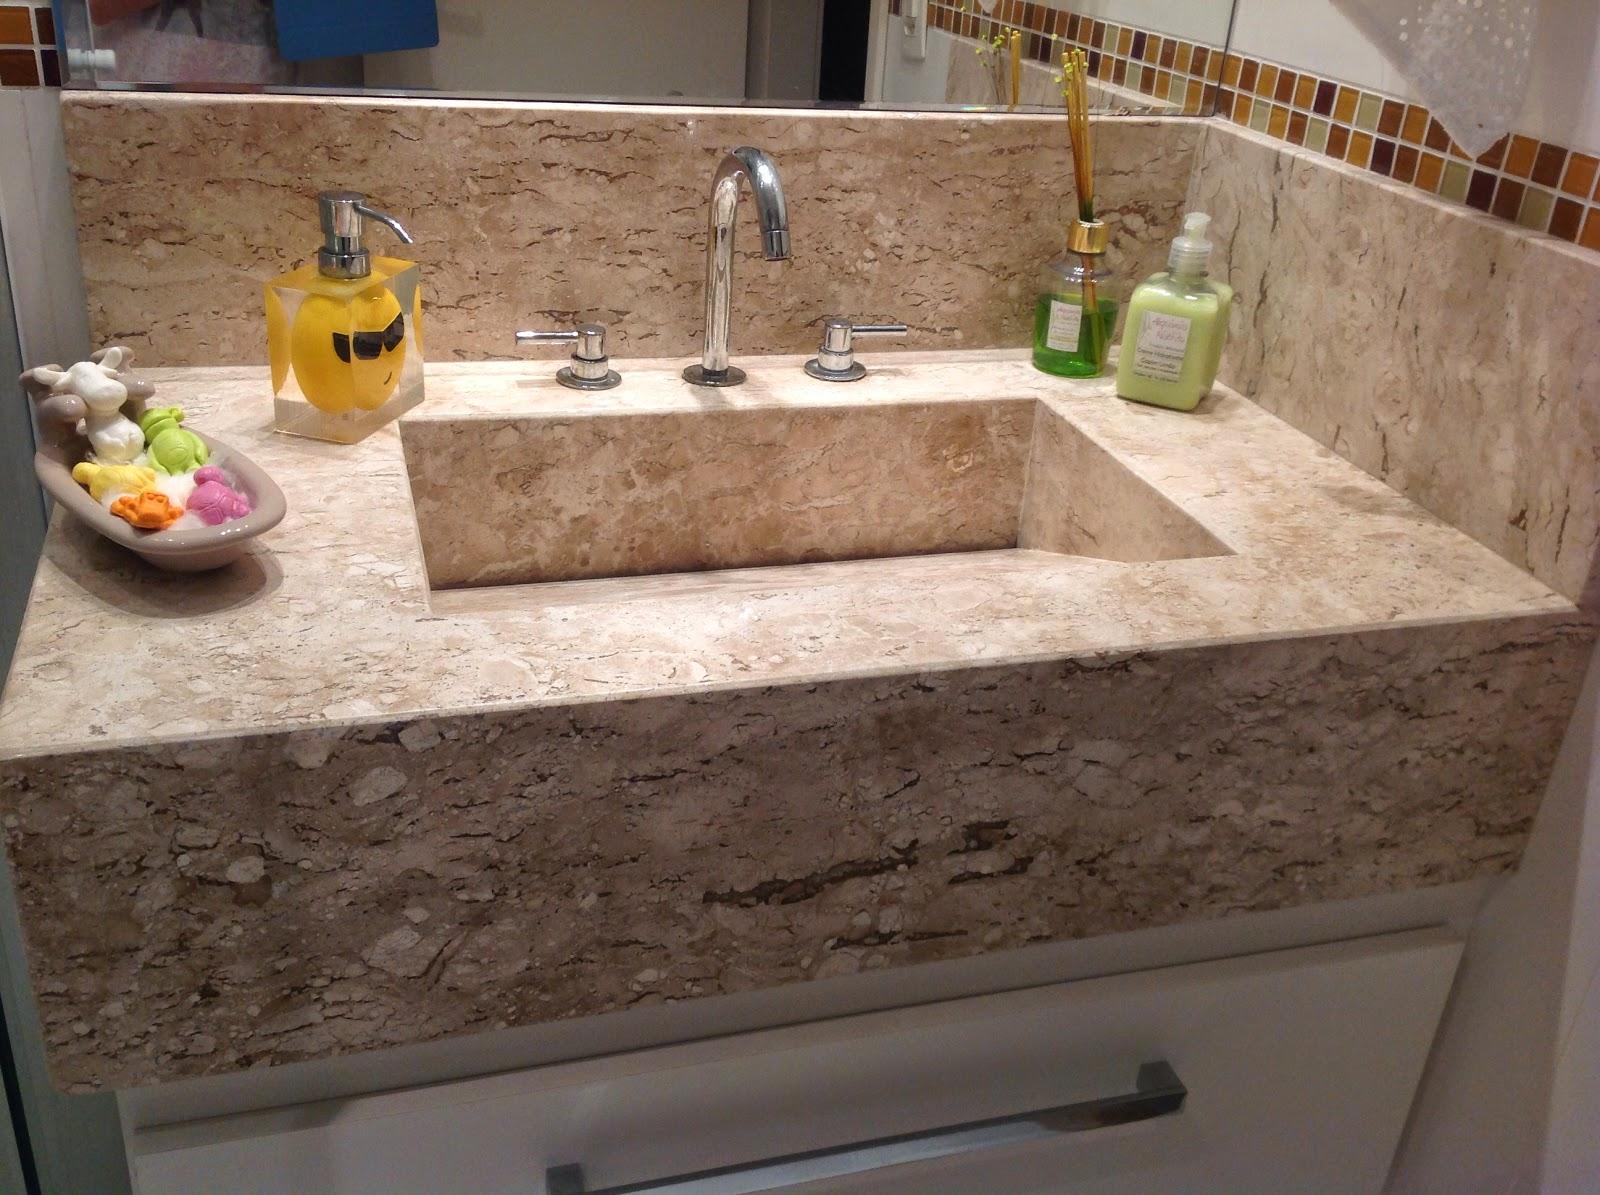 Sonho tornouse Realidade! A nossa cuba do banheiro! -> Cuba Para Banheiro Caxias Do Sul